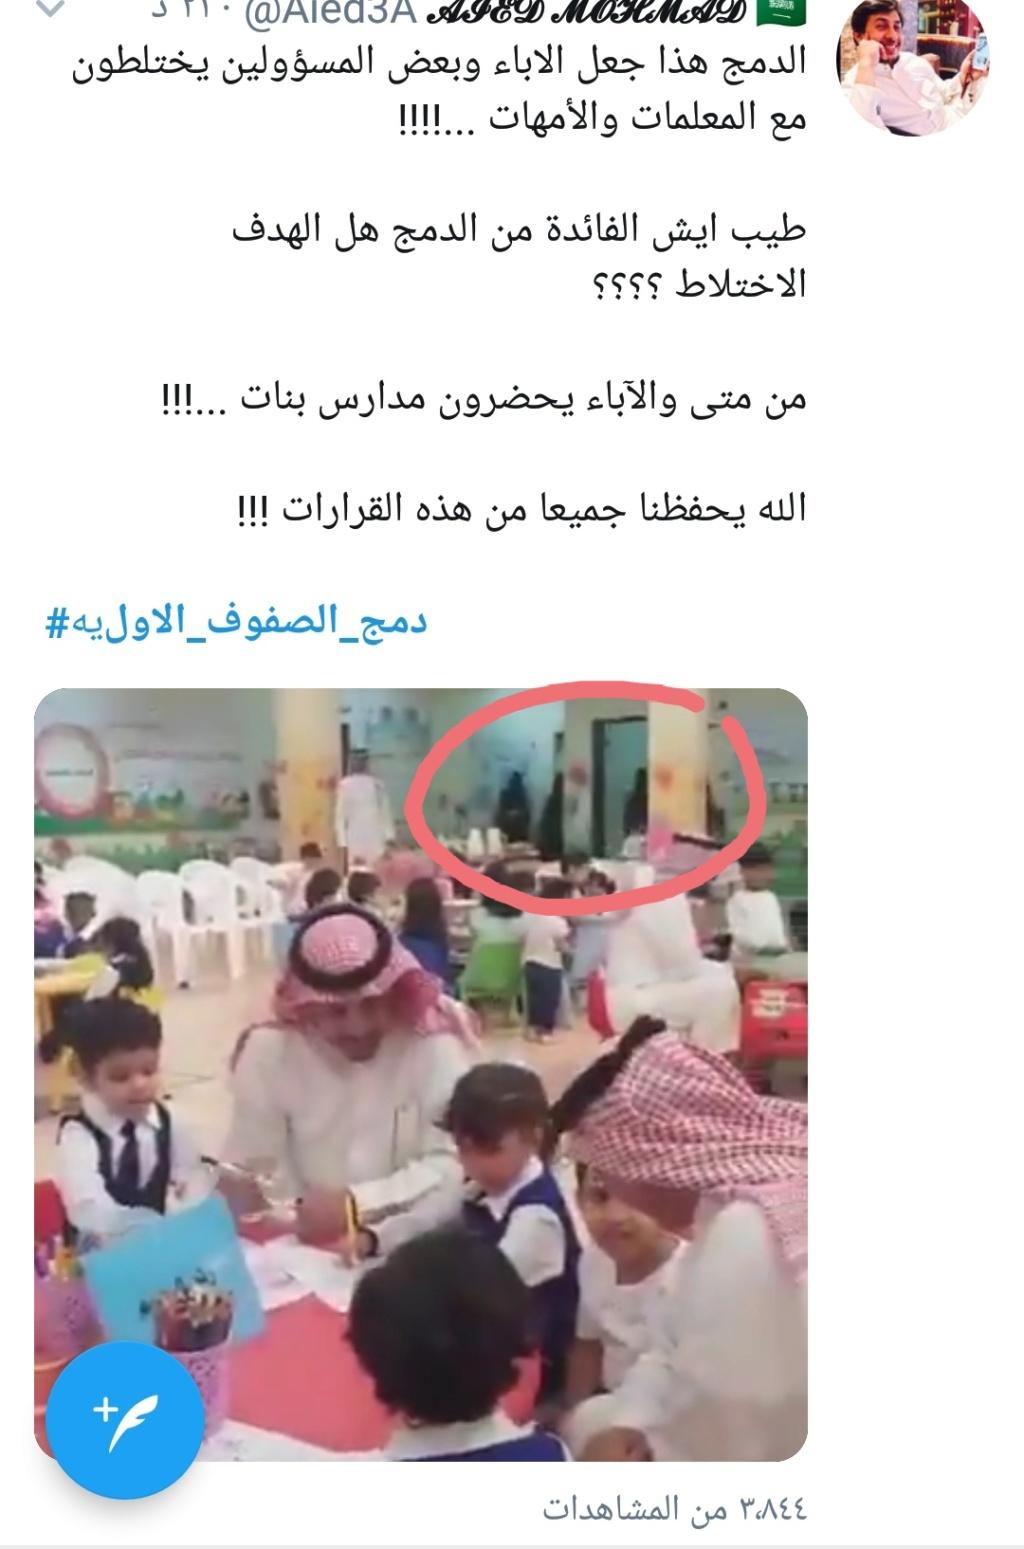 أخبار بلاد الحرمين وباقي الجزيرة...  Img_ee13